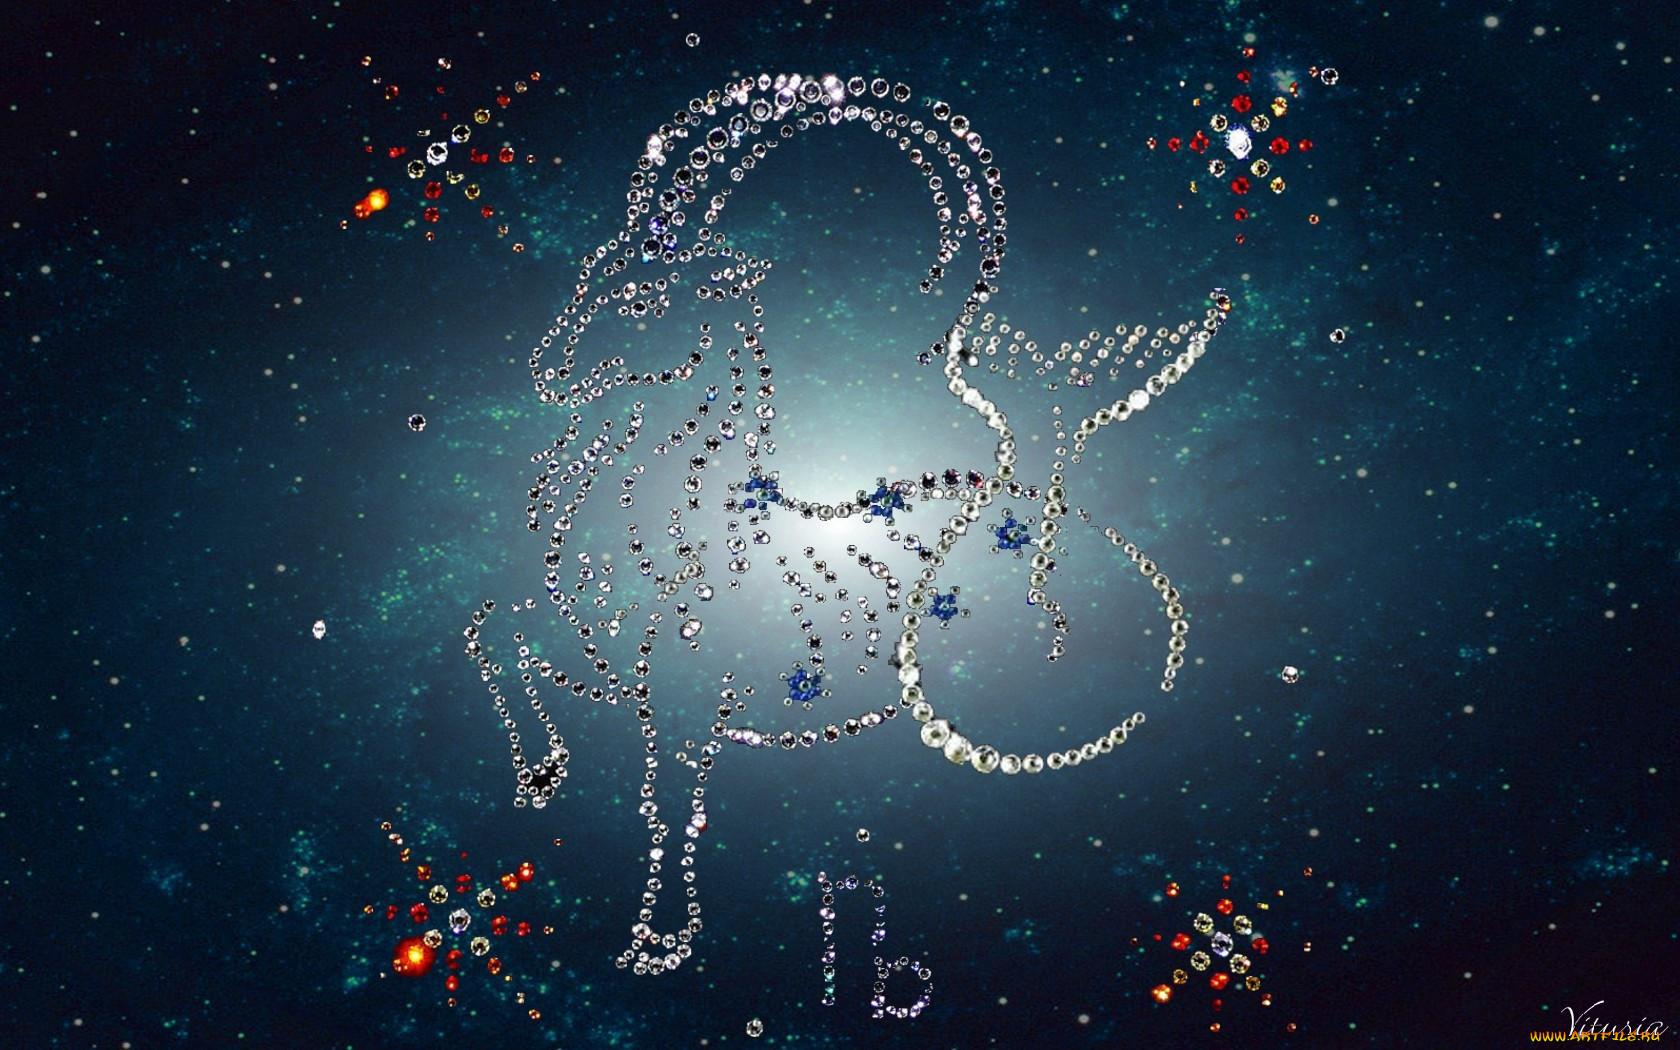 красивые картинки созвездий знаков зодиака том как сложилась